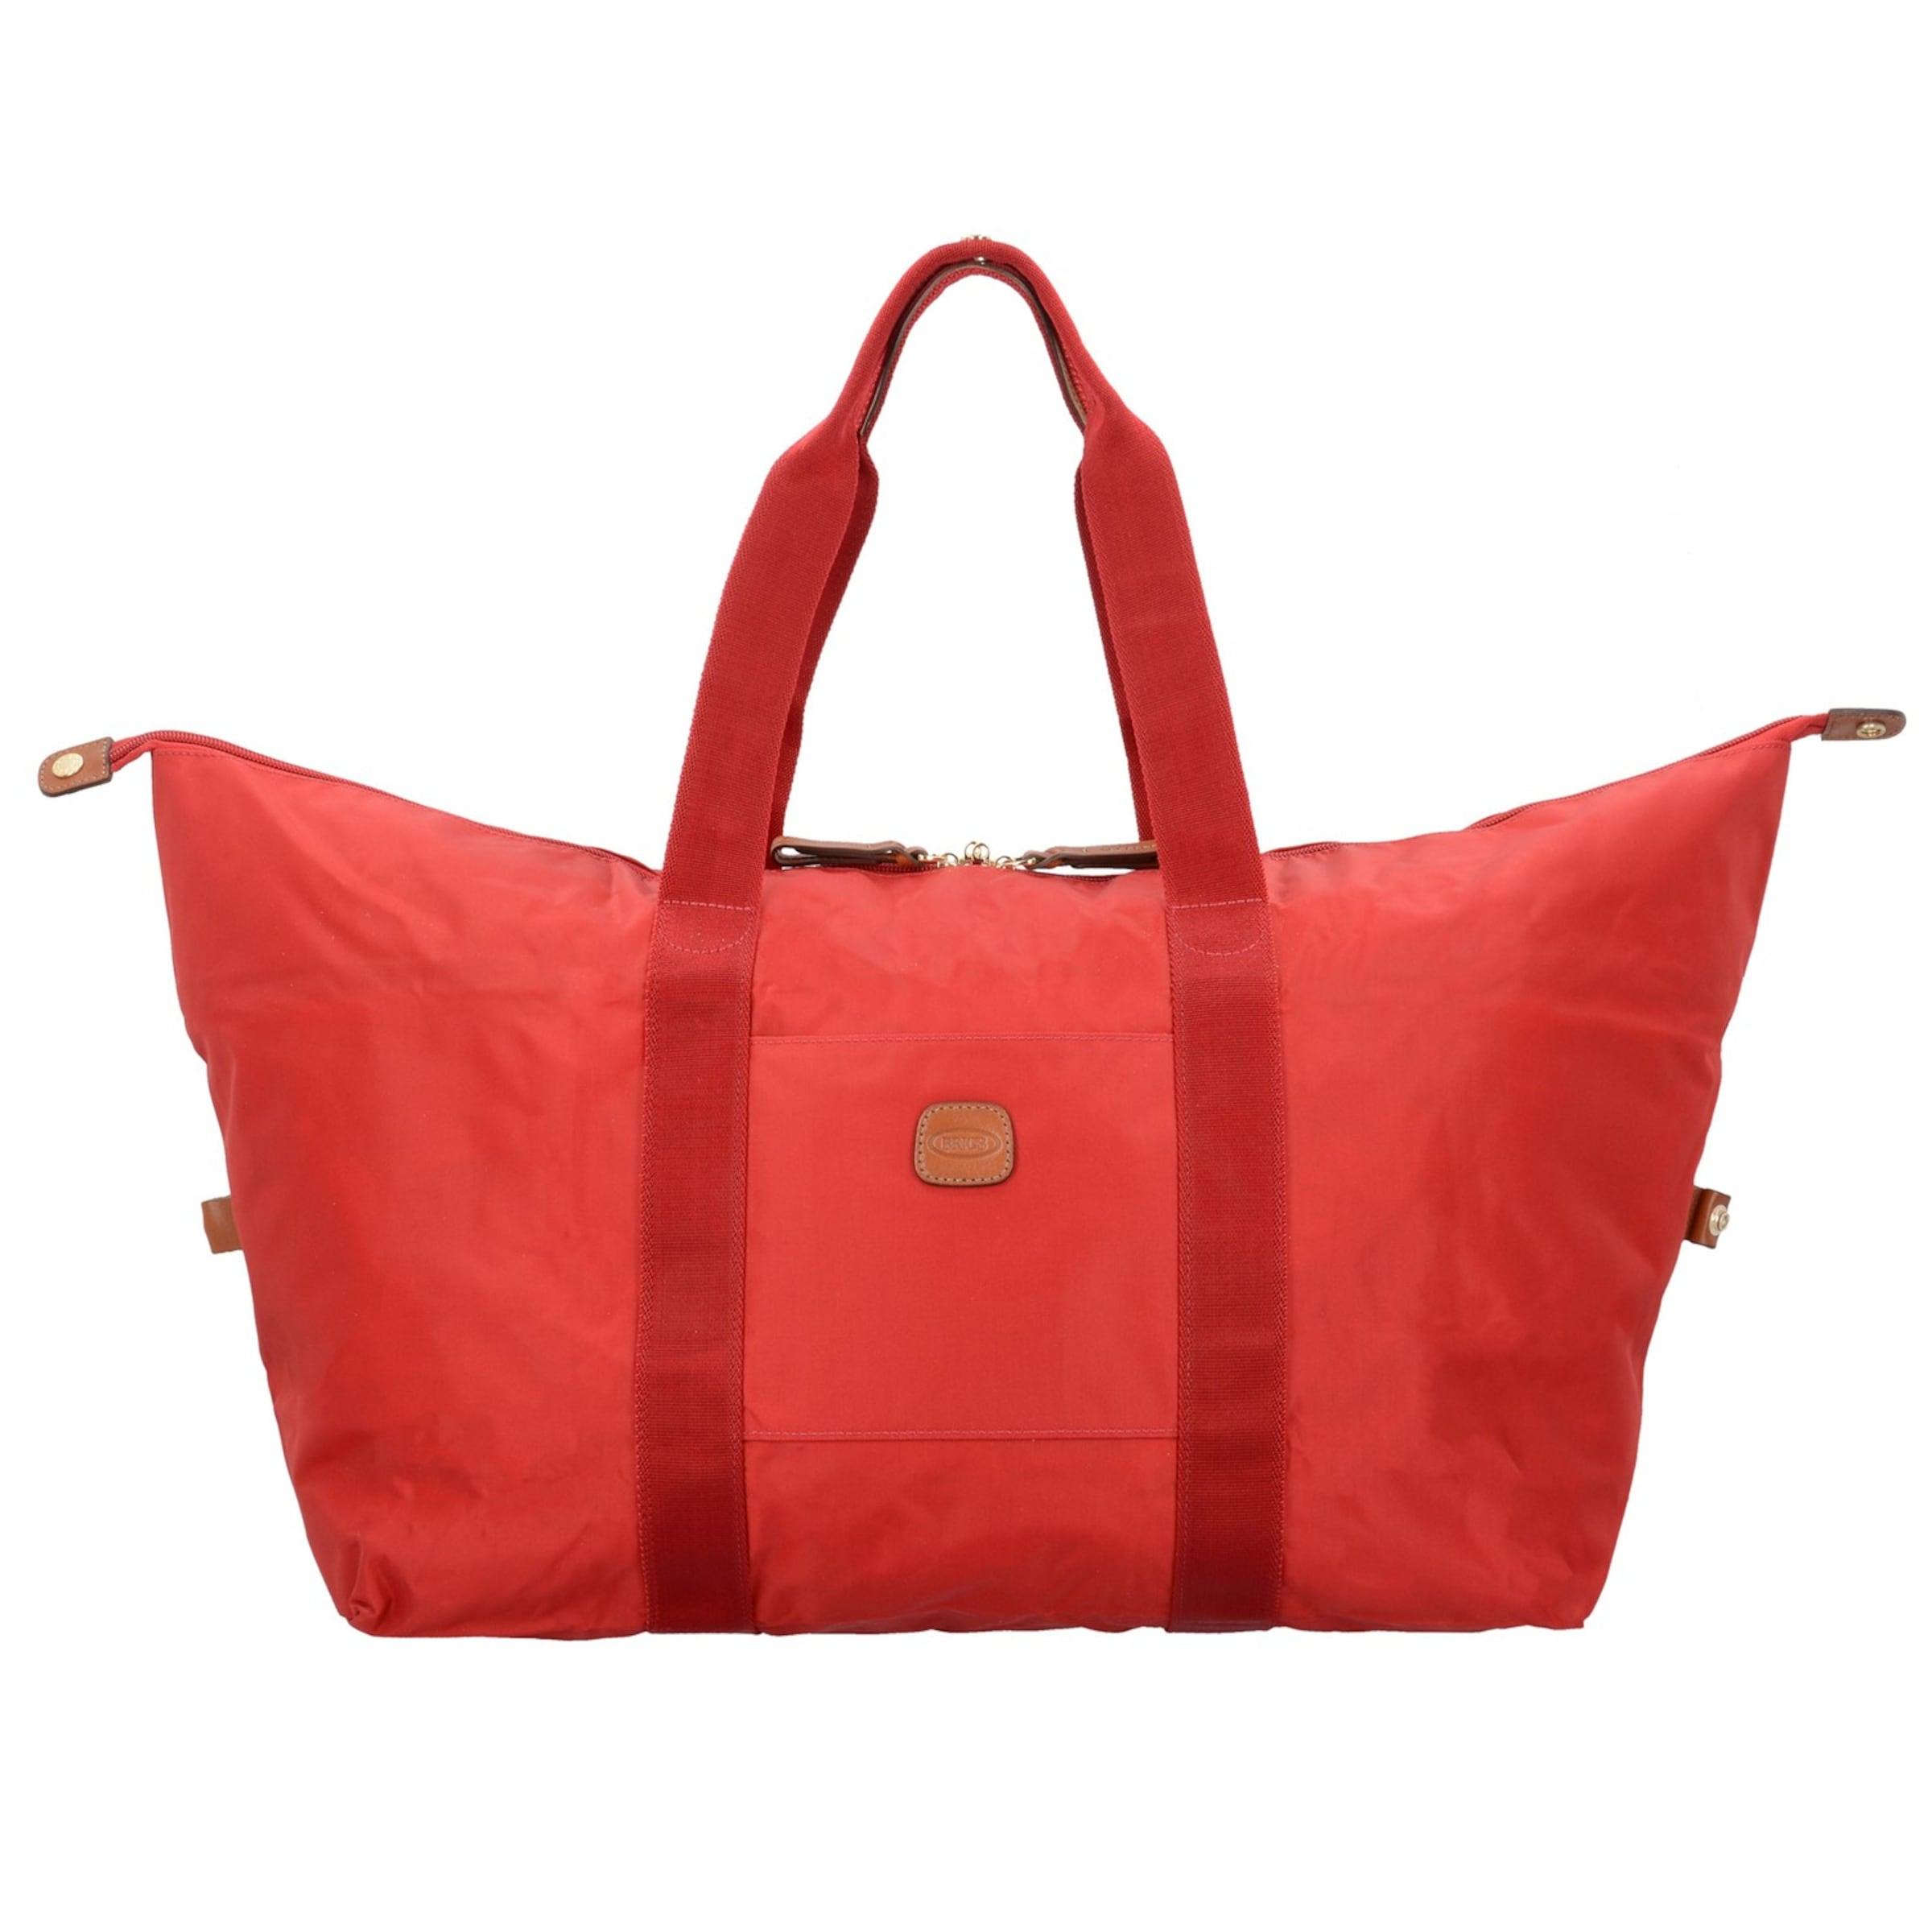 Bric's X-Bag Reisetasche 42 cm Suche Nach Online Angebote Online Auslass Ausgezeichnet 2kmM7OPrdr